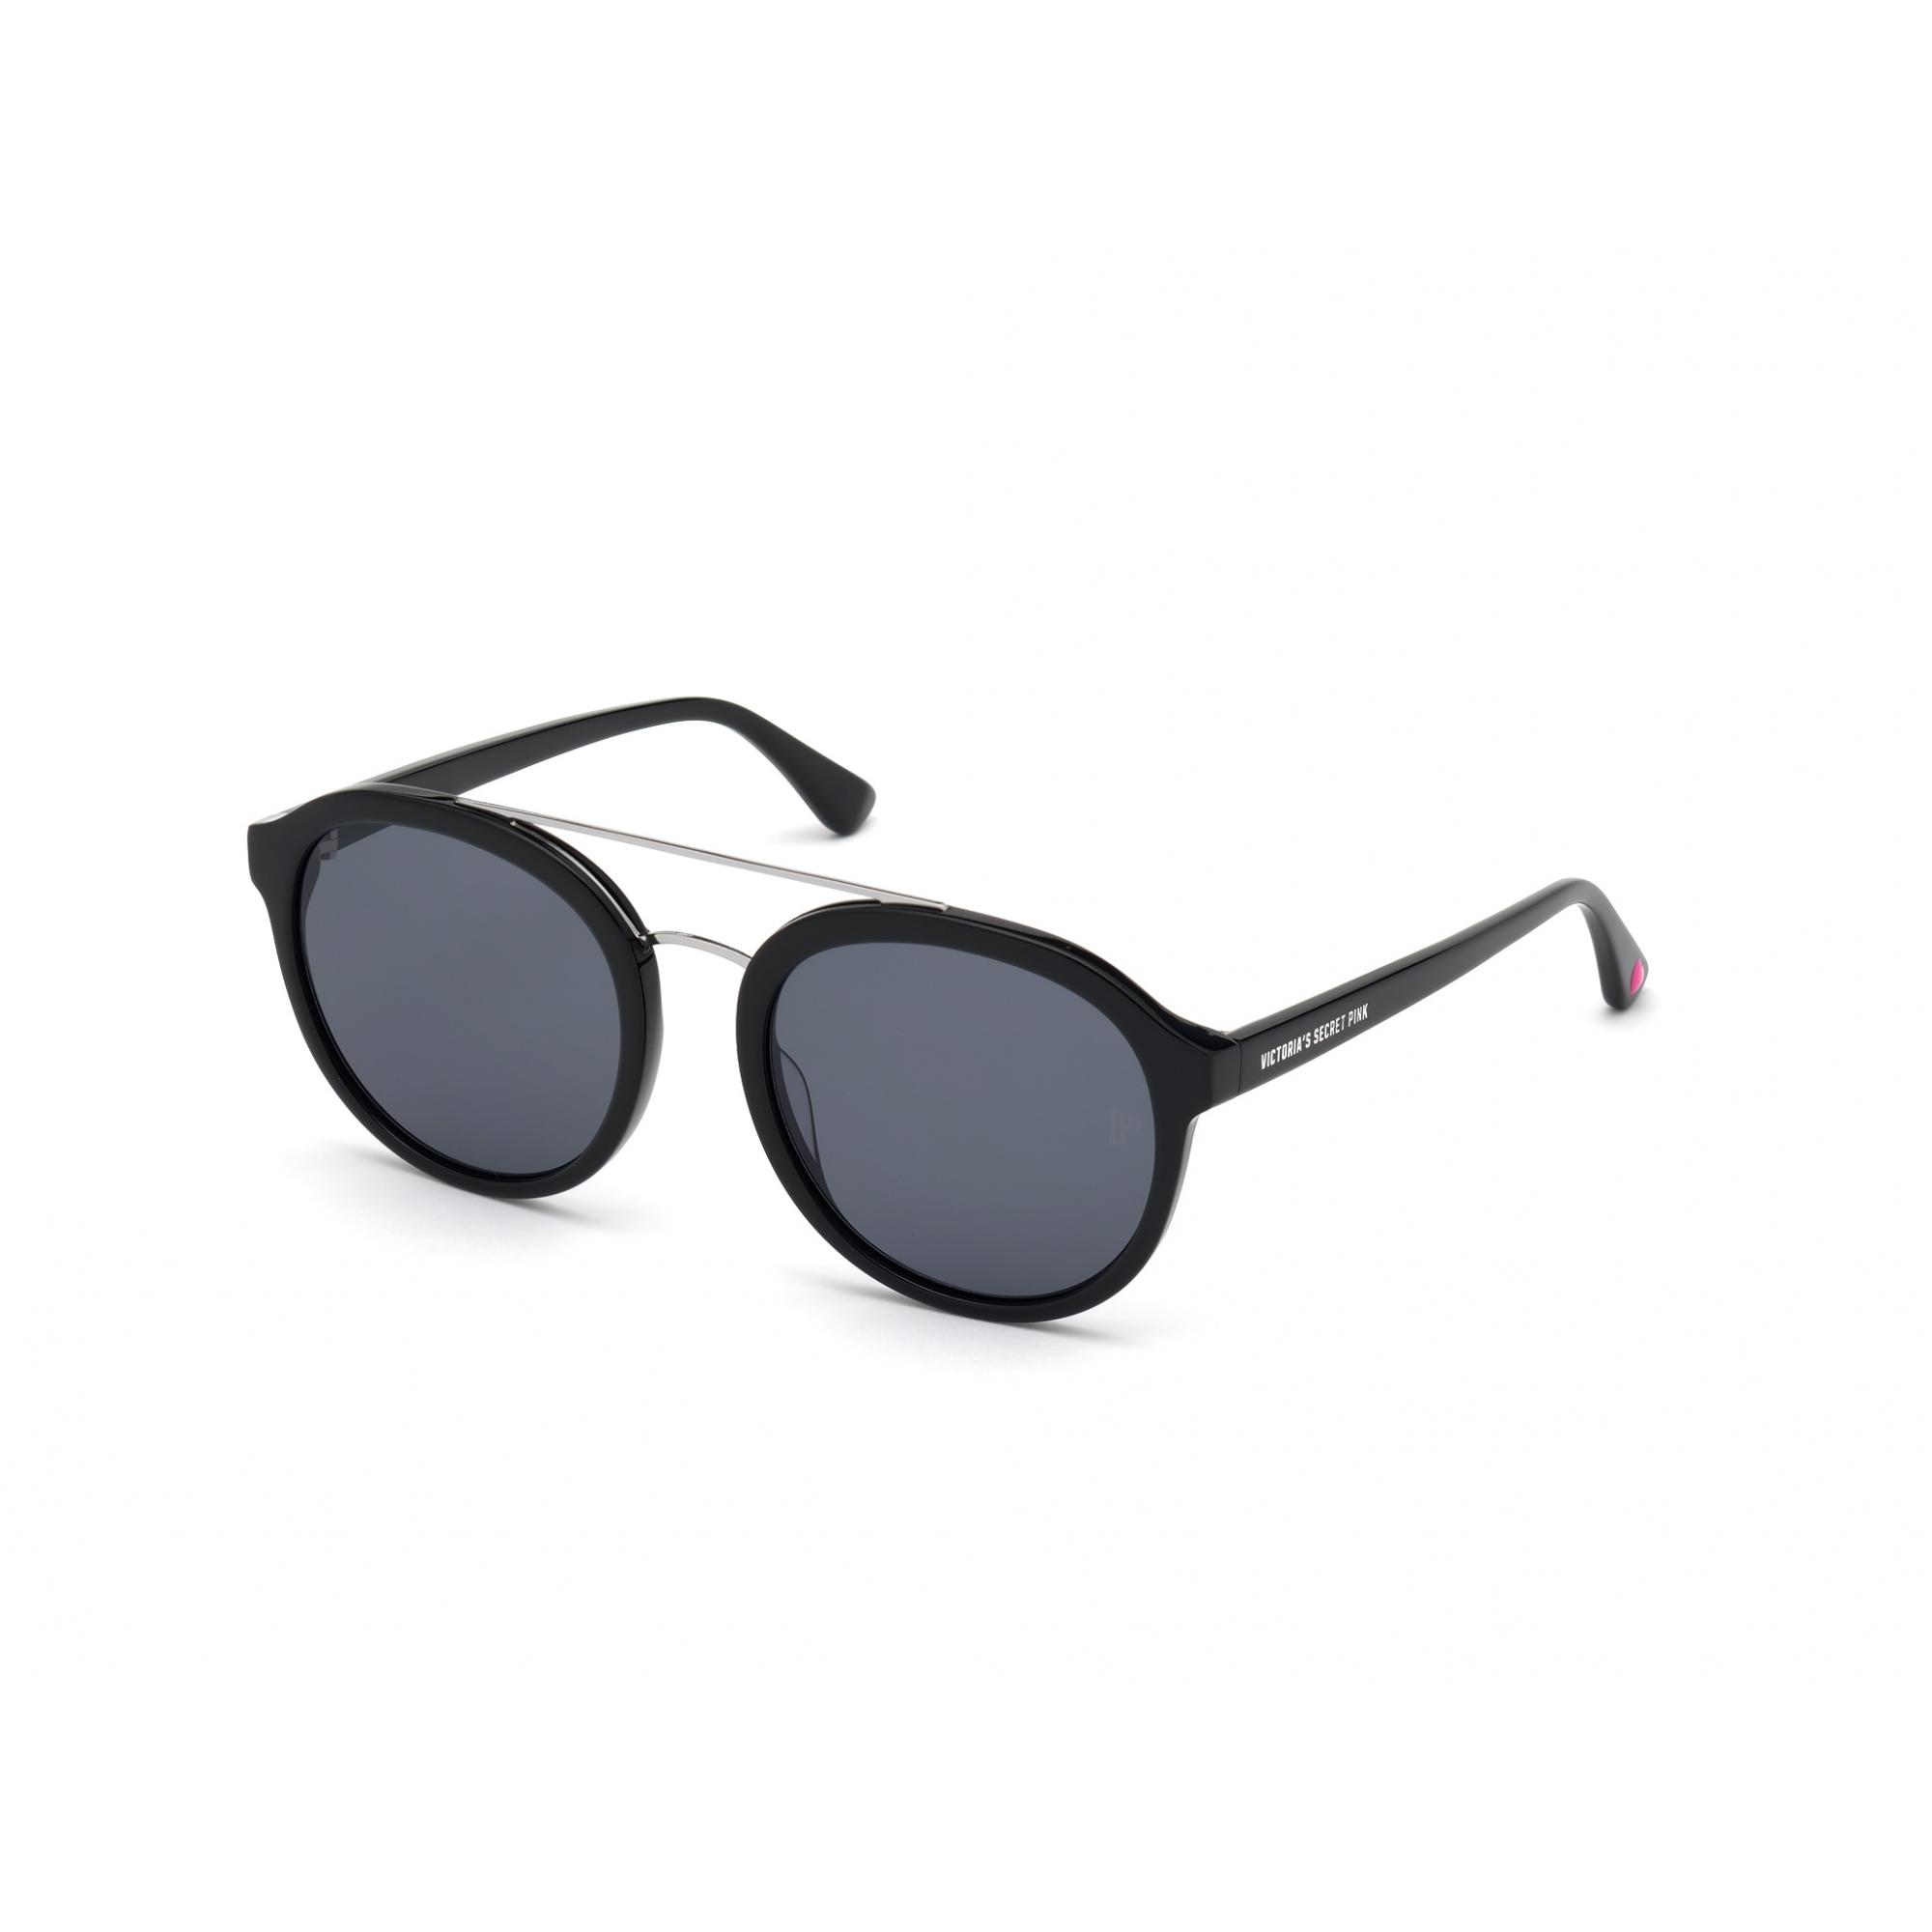 Óculos de Sol Victoria's Secret  PK0021 - 01A/55